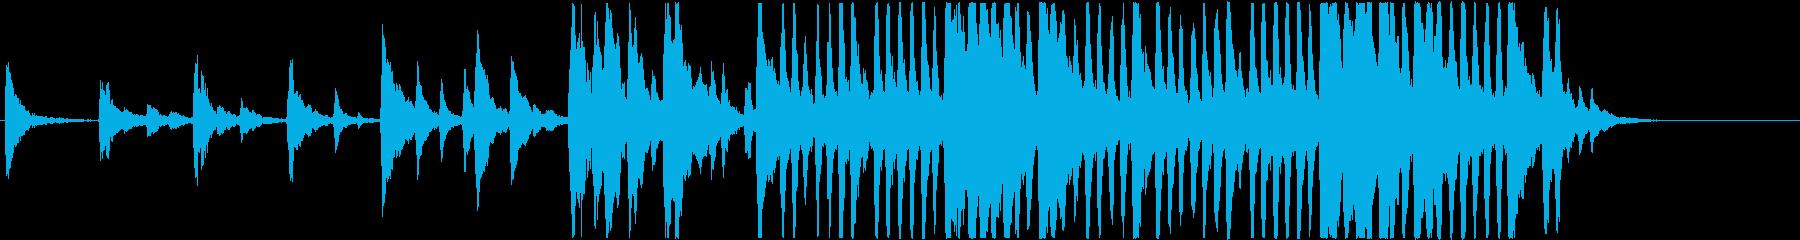 暗く切ない雰囲気のストリングスの再生済みの波形